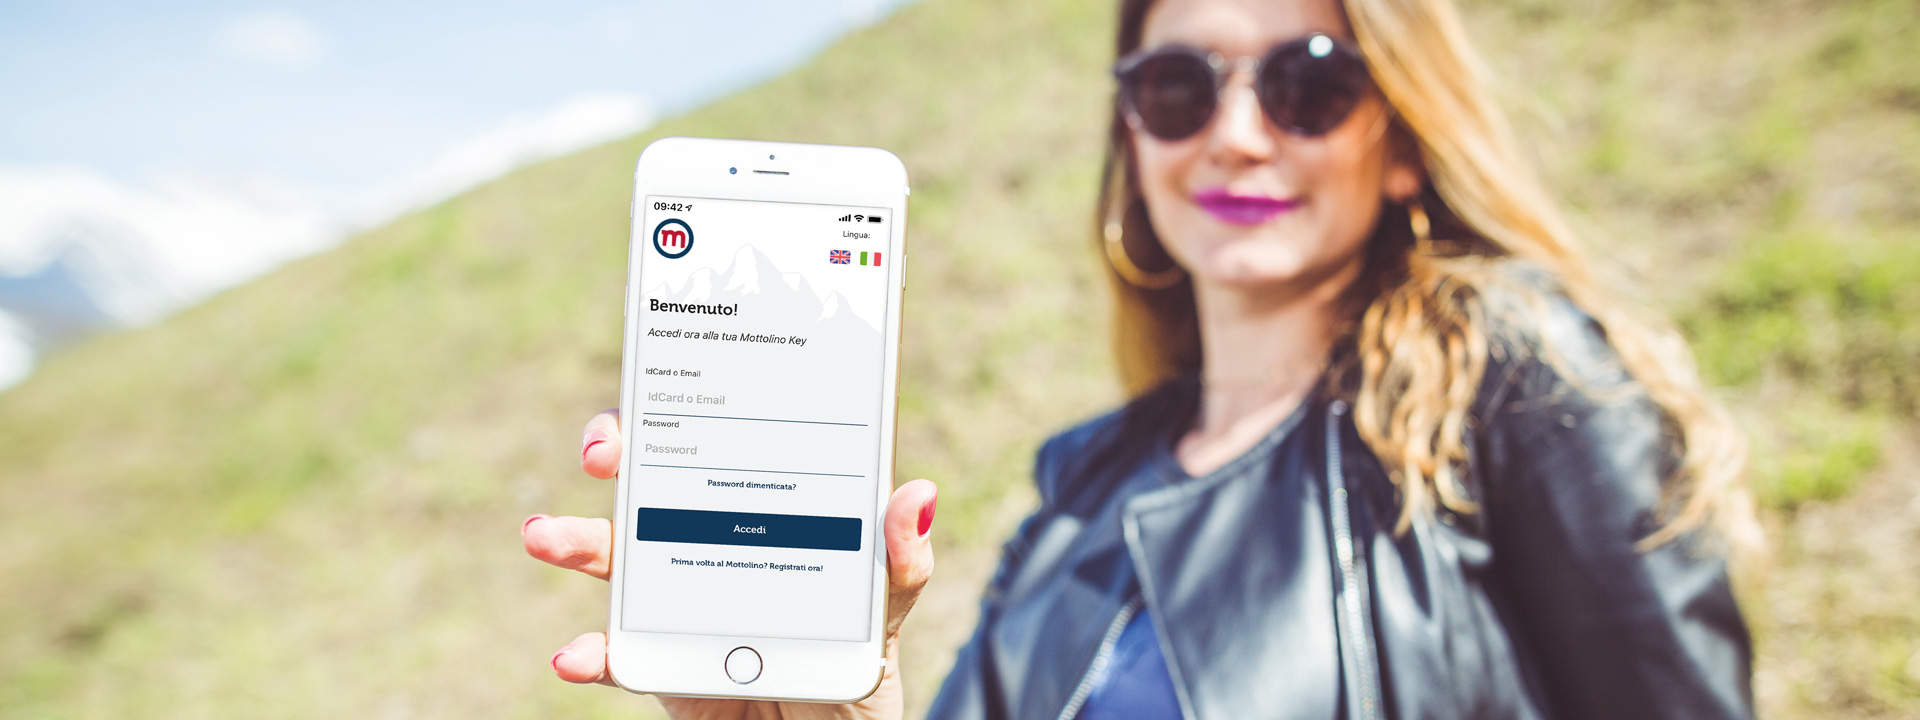 Mottolino App ricevi sconti e benefit immediati